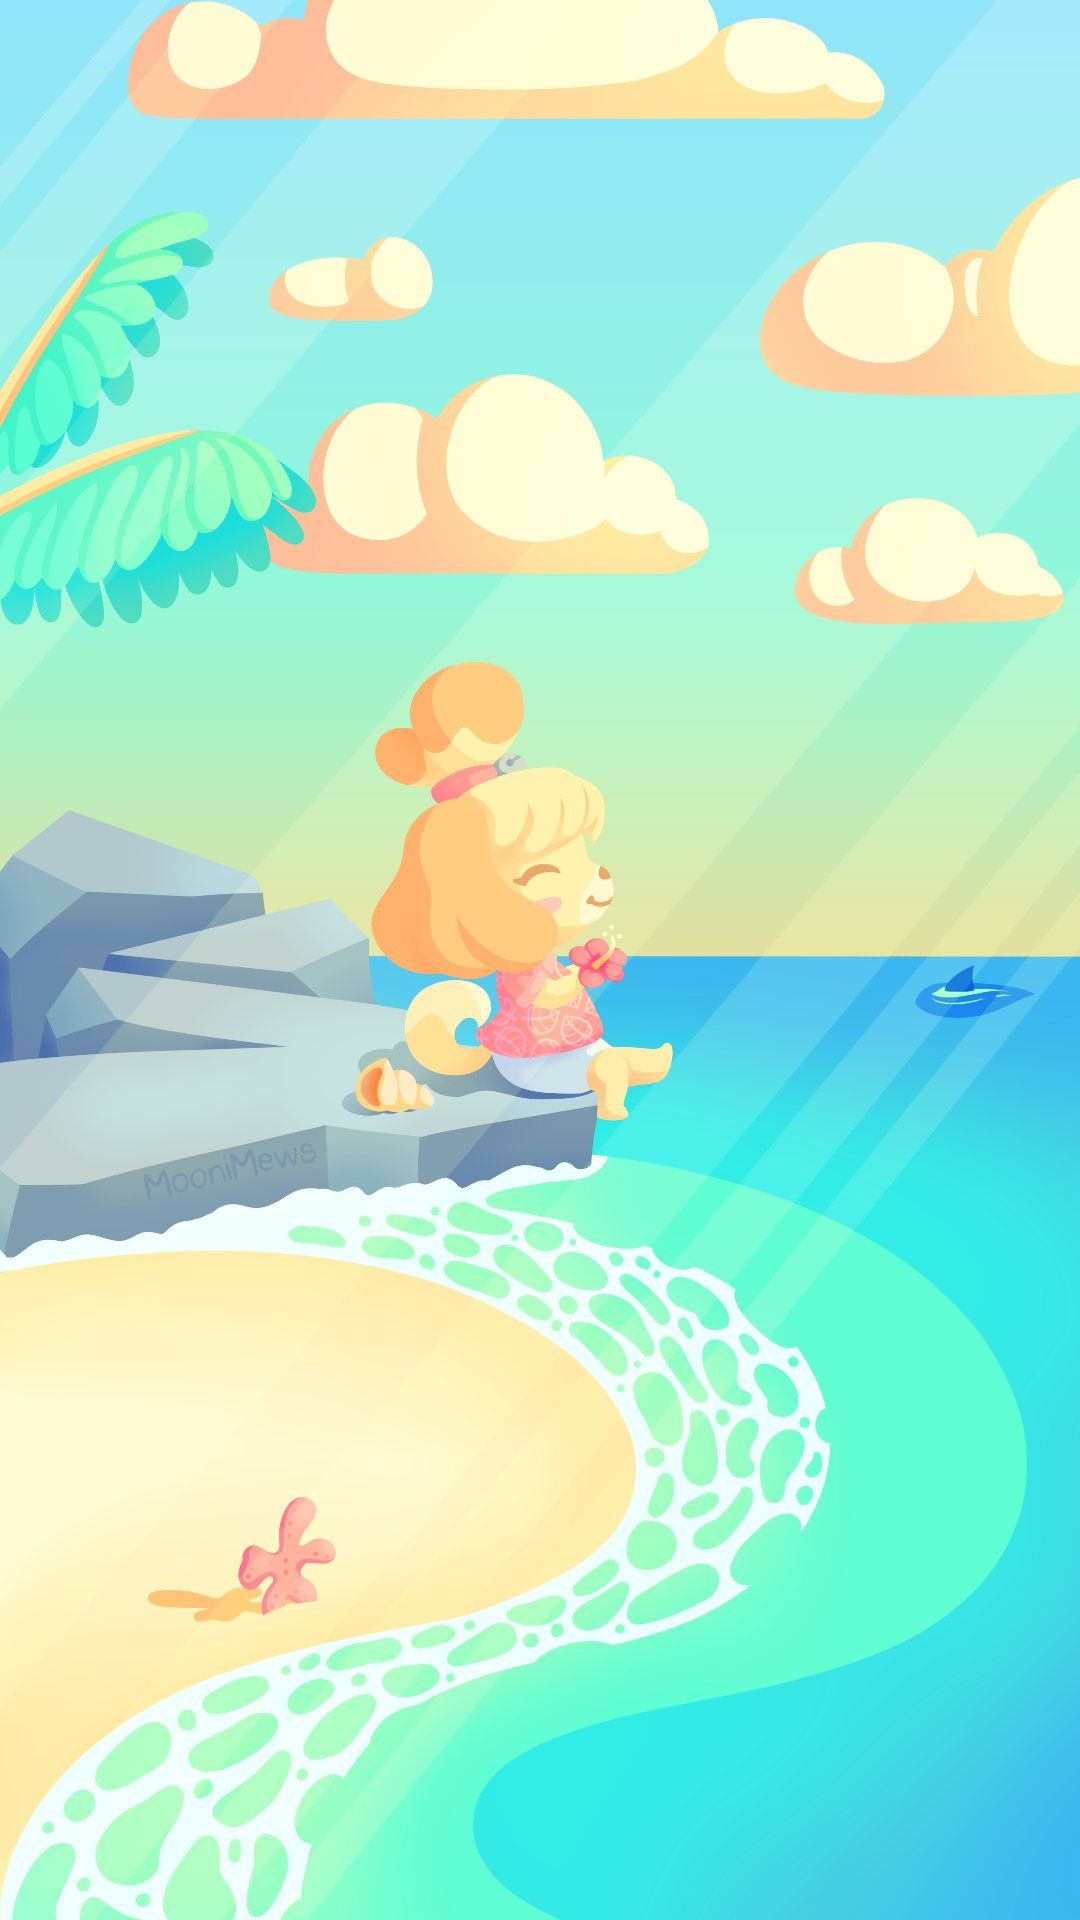 Moonimews On Twitter Animal Crossing Fan Art Animal Crossing Villagers Animal Wallpaper